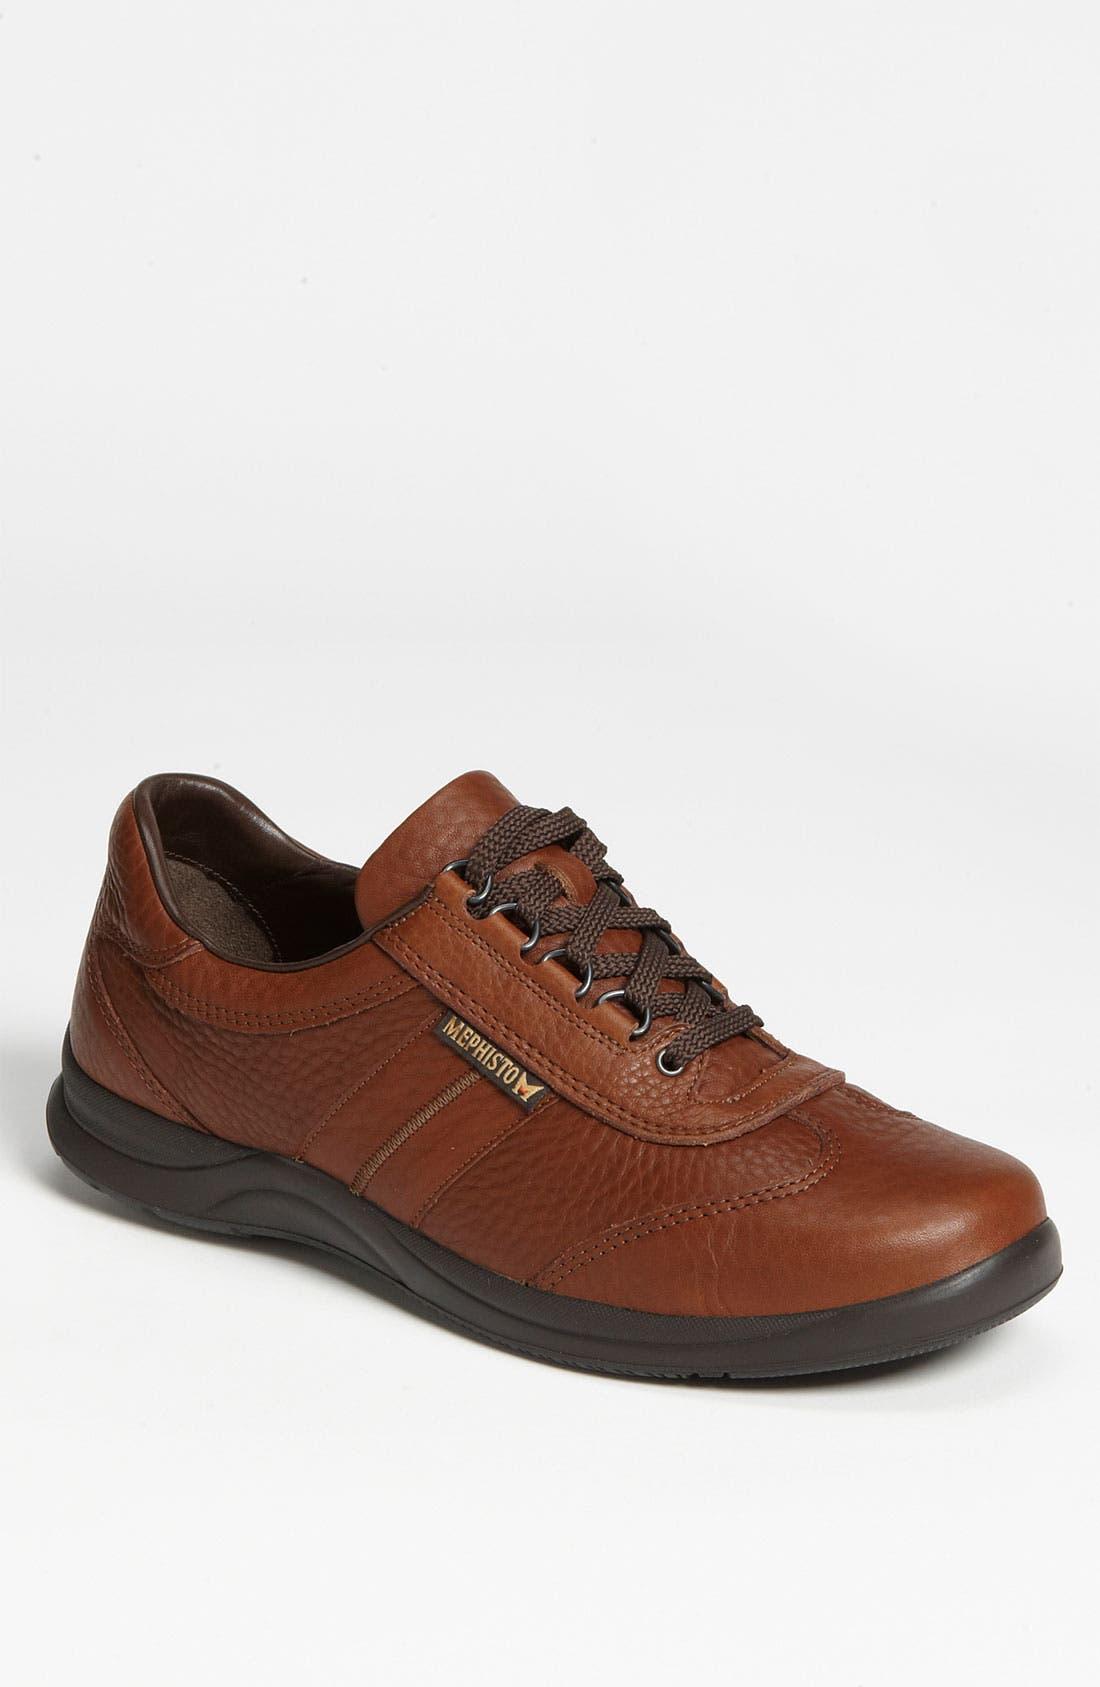 Main Image - Mephisto 'Hike' Walking Shoe (Men)